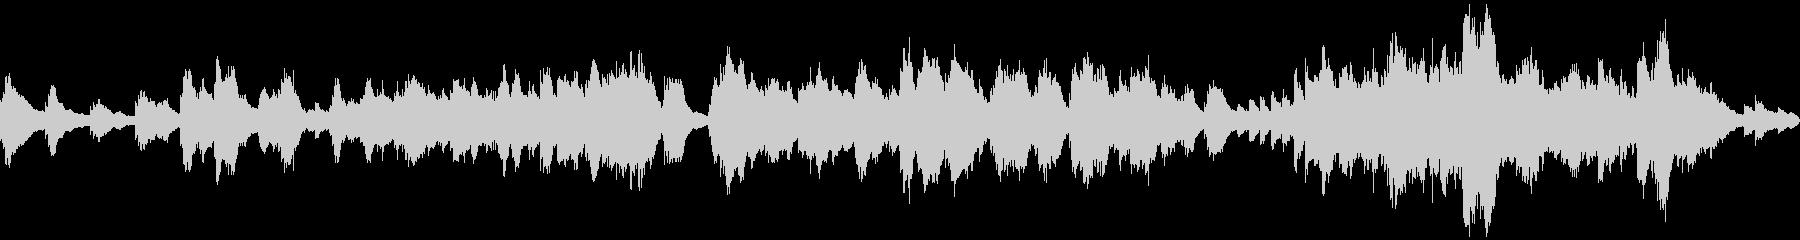 神秘的・幻想的な アンビエントピアノソロの未再生の波形